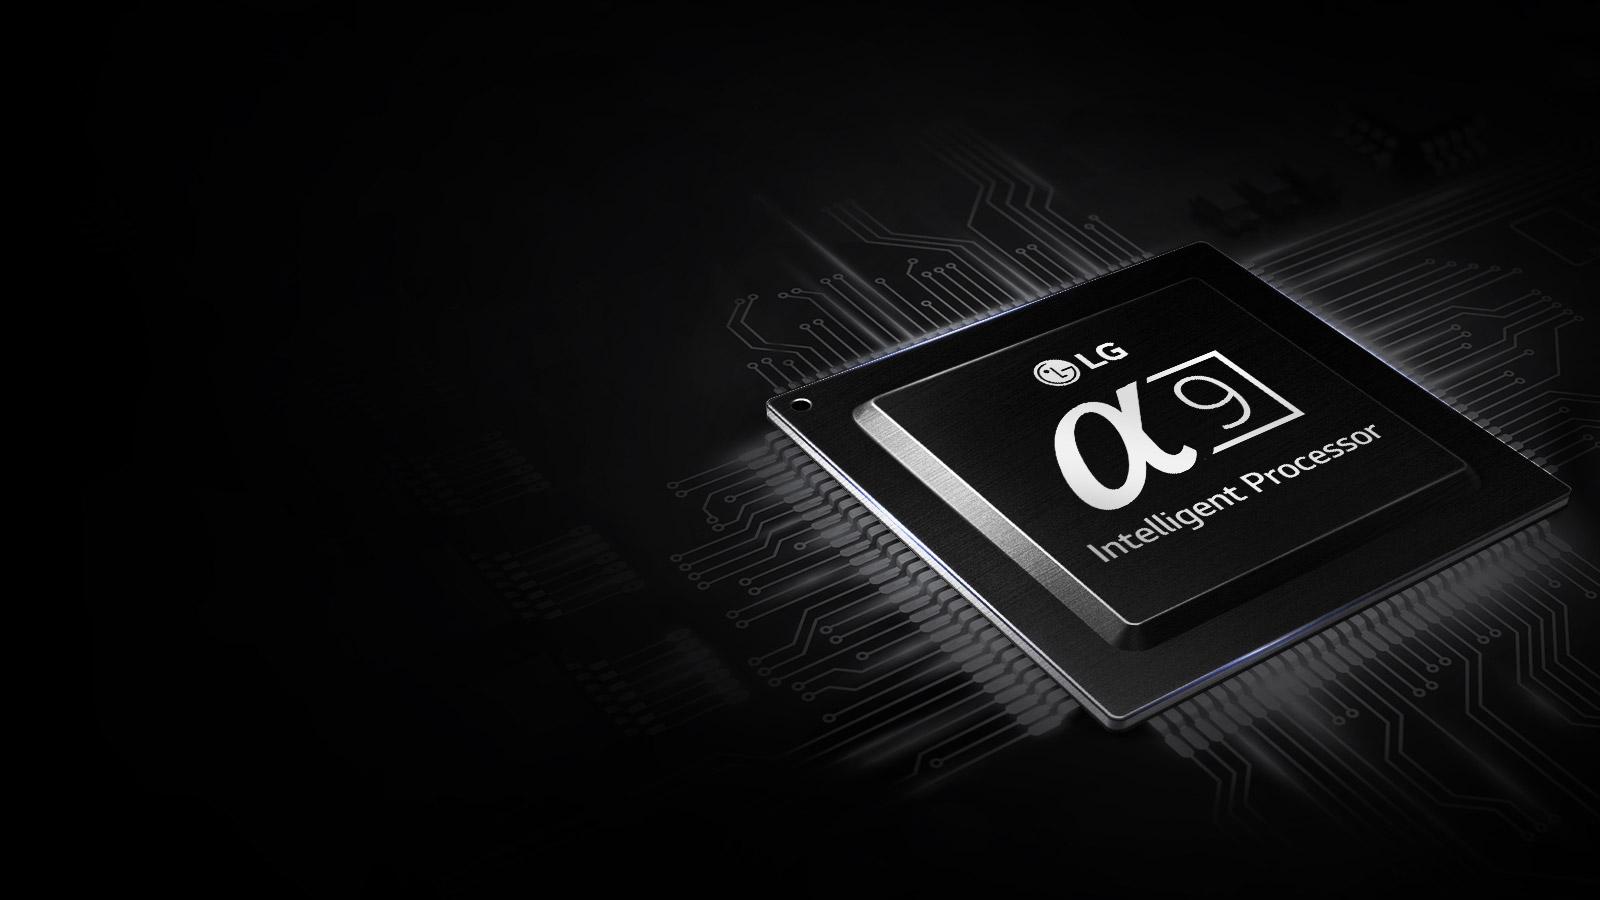 α9-processor